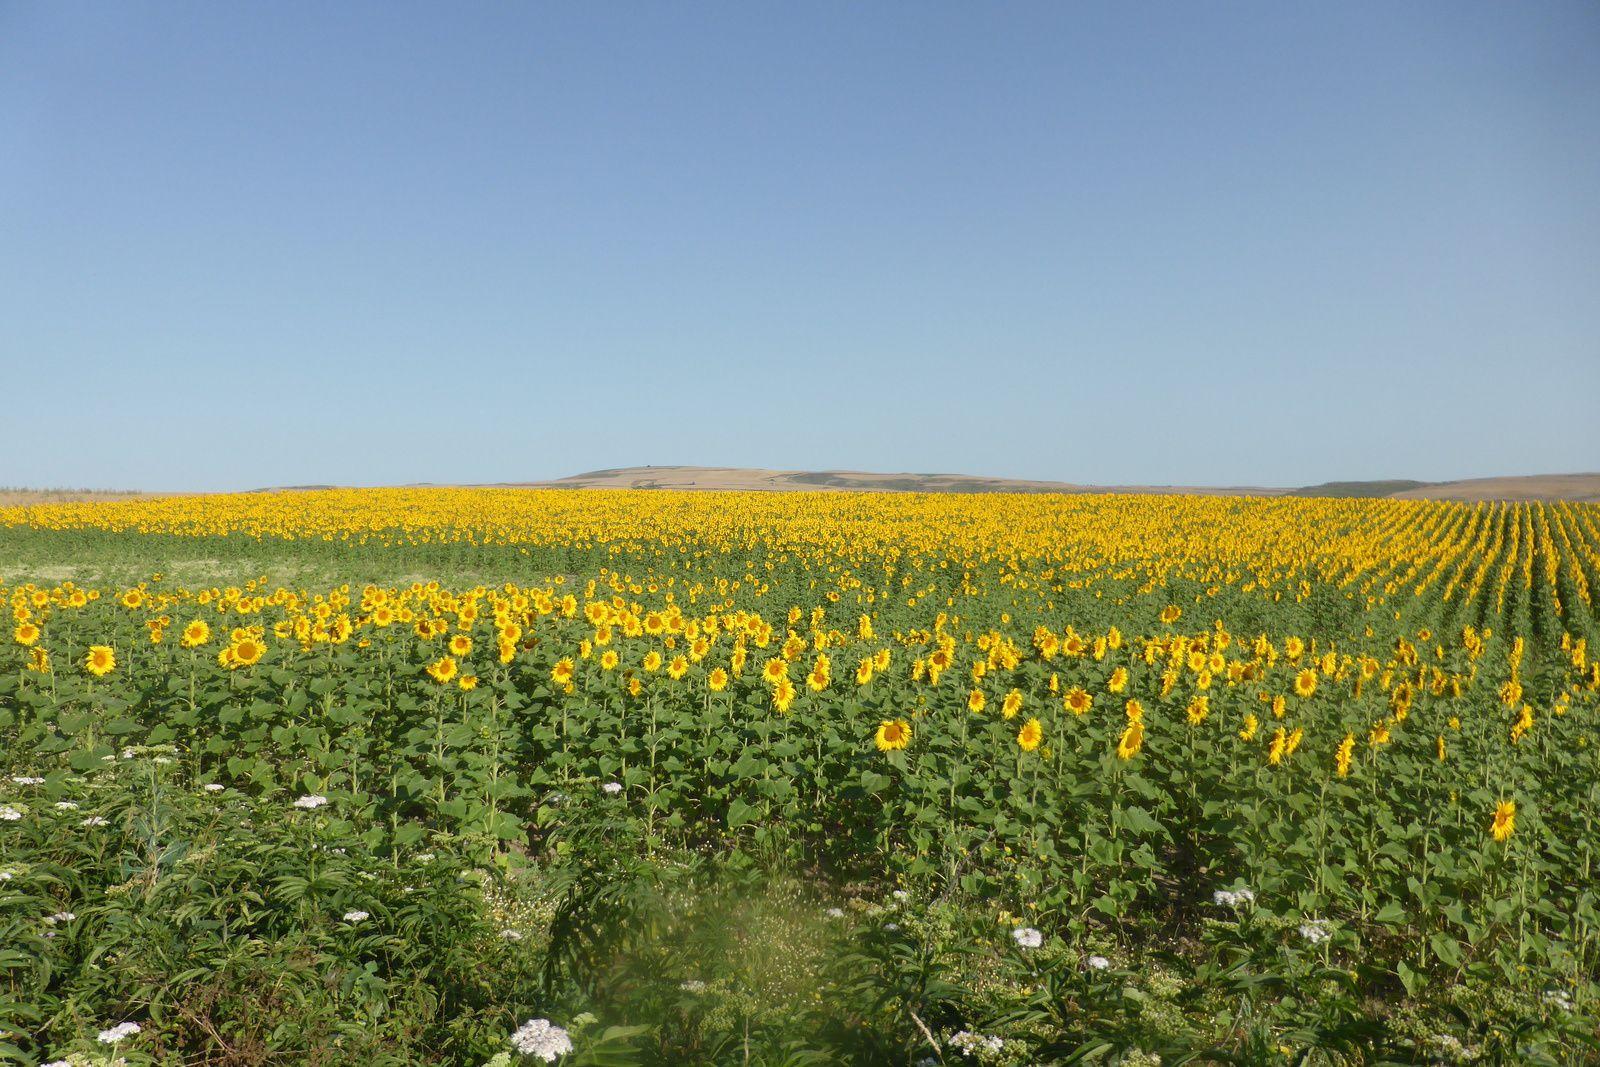 Nous avançons sur le village de Villambista, Brigitte en profite pour récolter une fleur de tournesol, elle aussi...Nous ne restons pas longtemps et fillons vers Espinosa del Camino que nous traverserons très vite car il nous faut avancer.